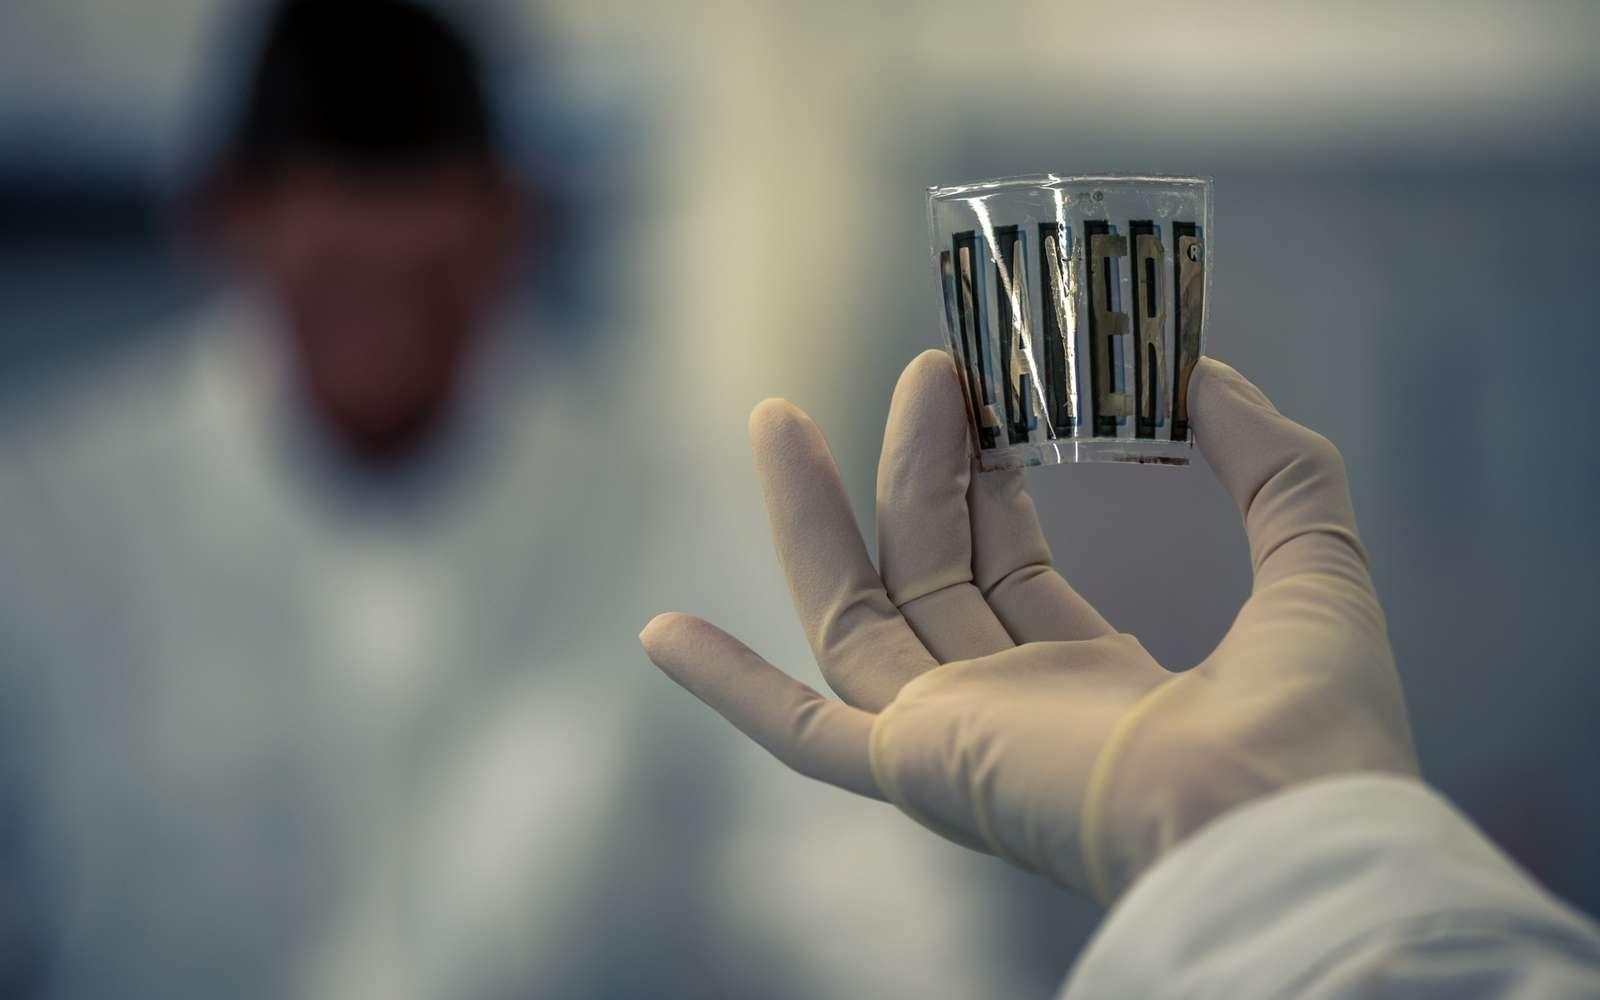 Un exemple de module photovoltaïque fabriqué avec la technologie LAYER® de Dracula Technologies. © Dracula Technologies